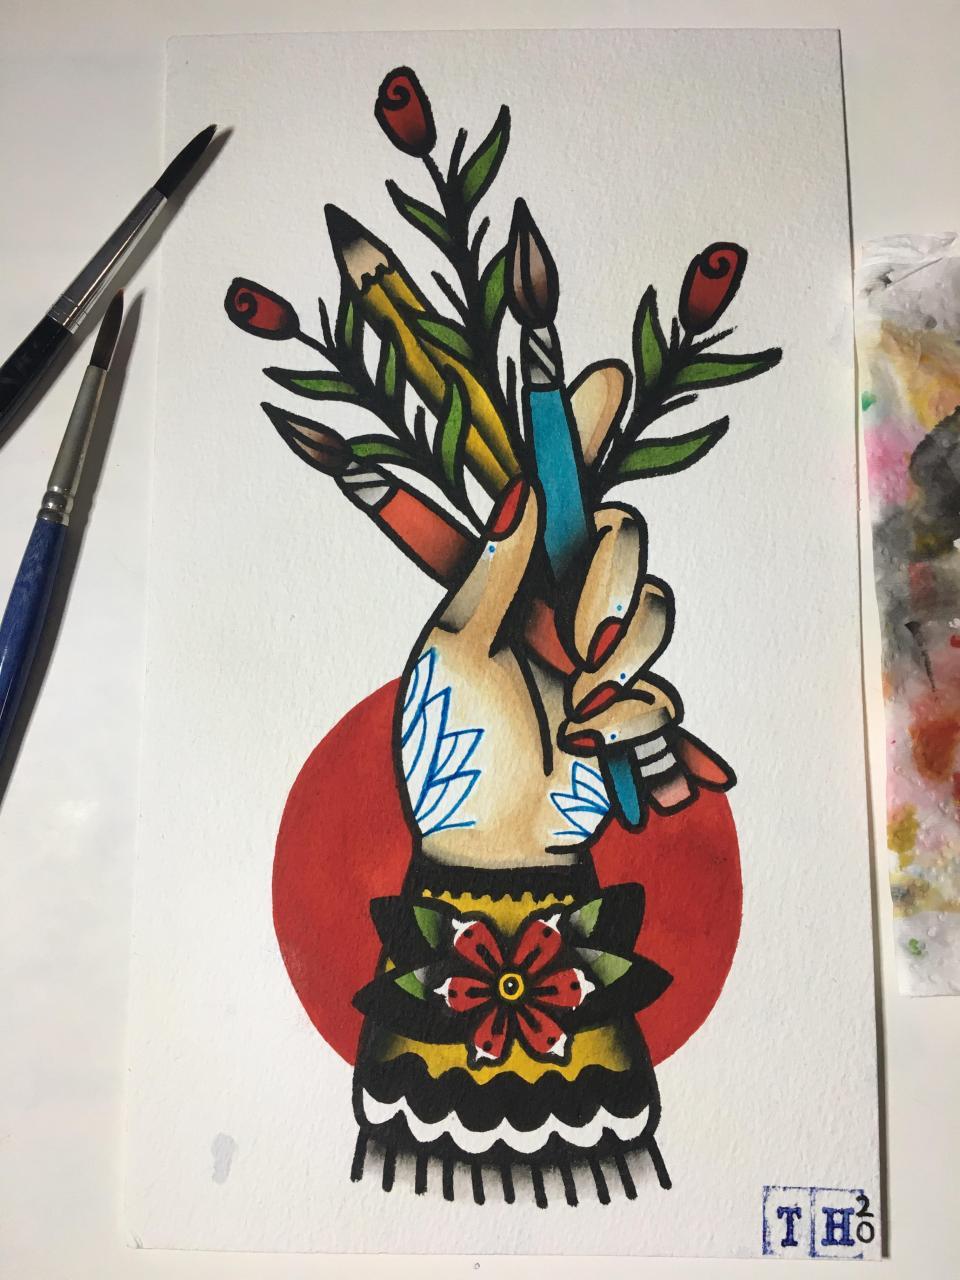 constructive criticism welcome! i am an aspiring tattoo artist